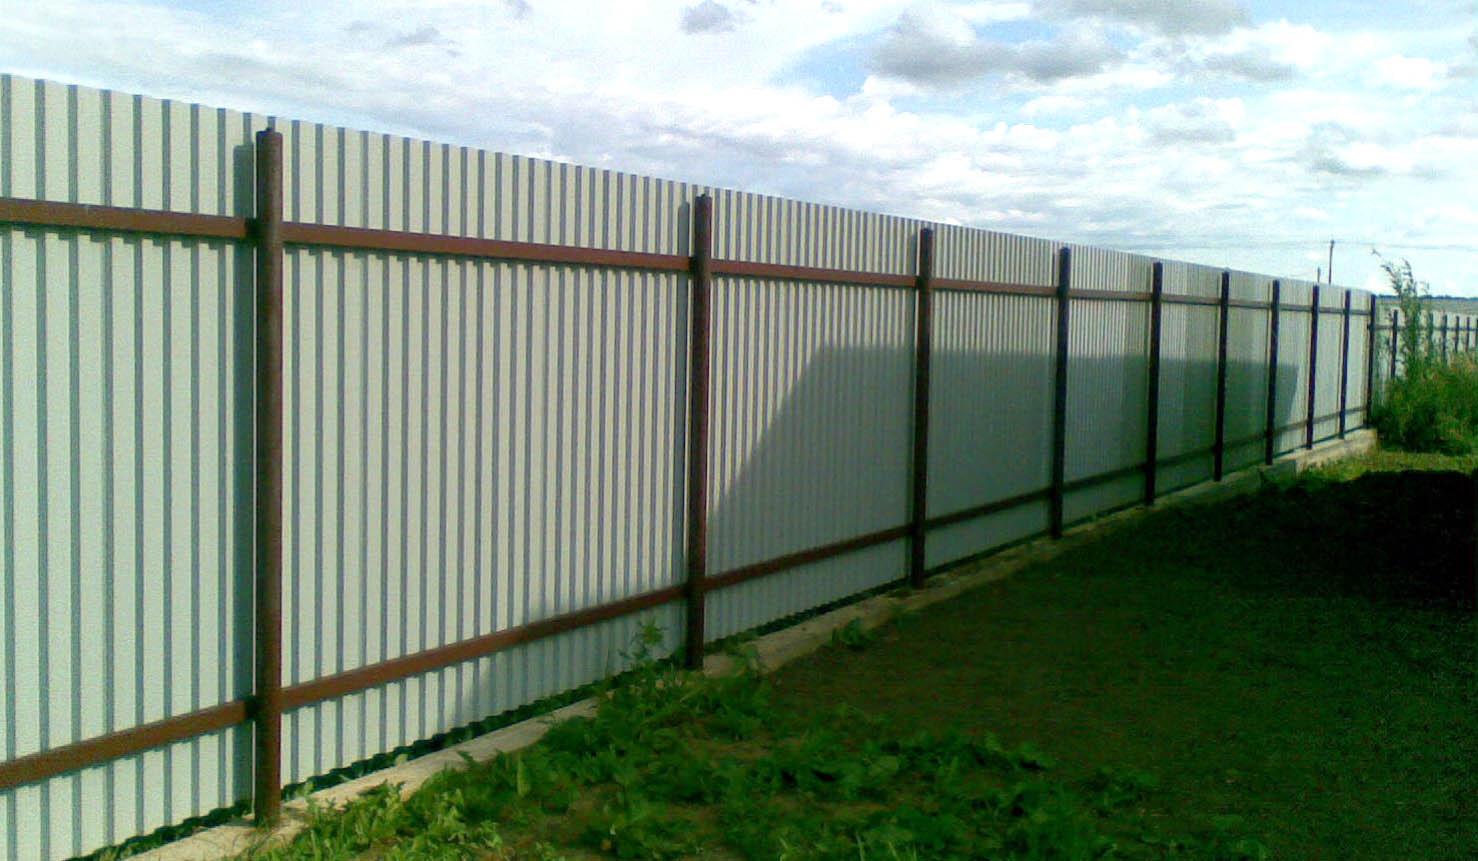 построить забор из железа листового цена